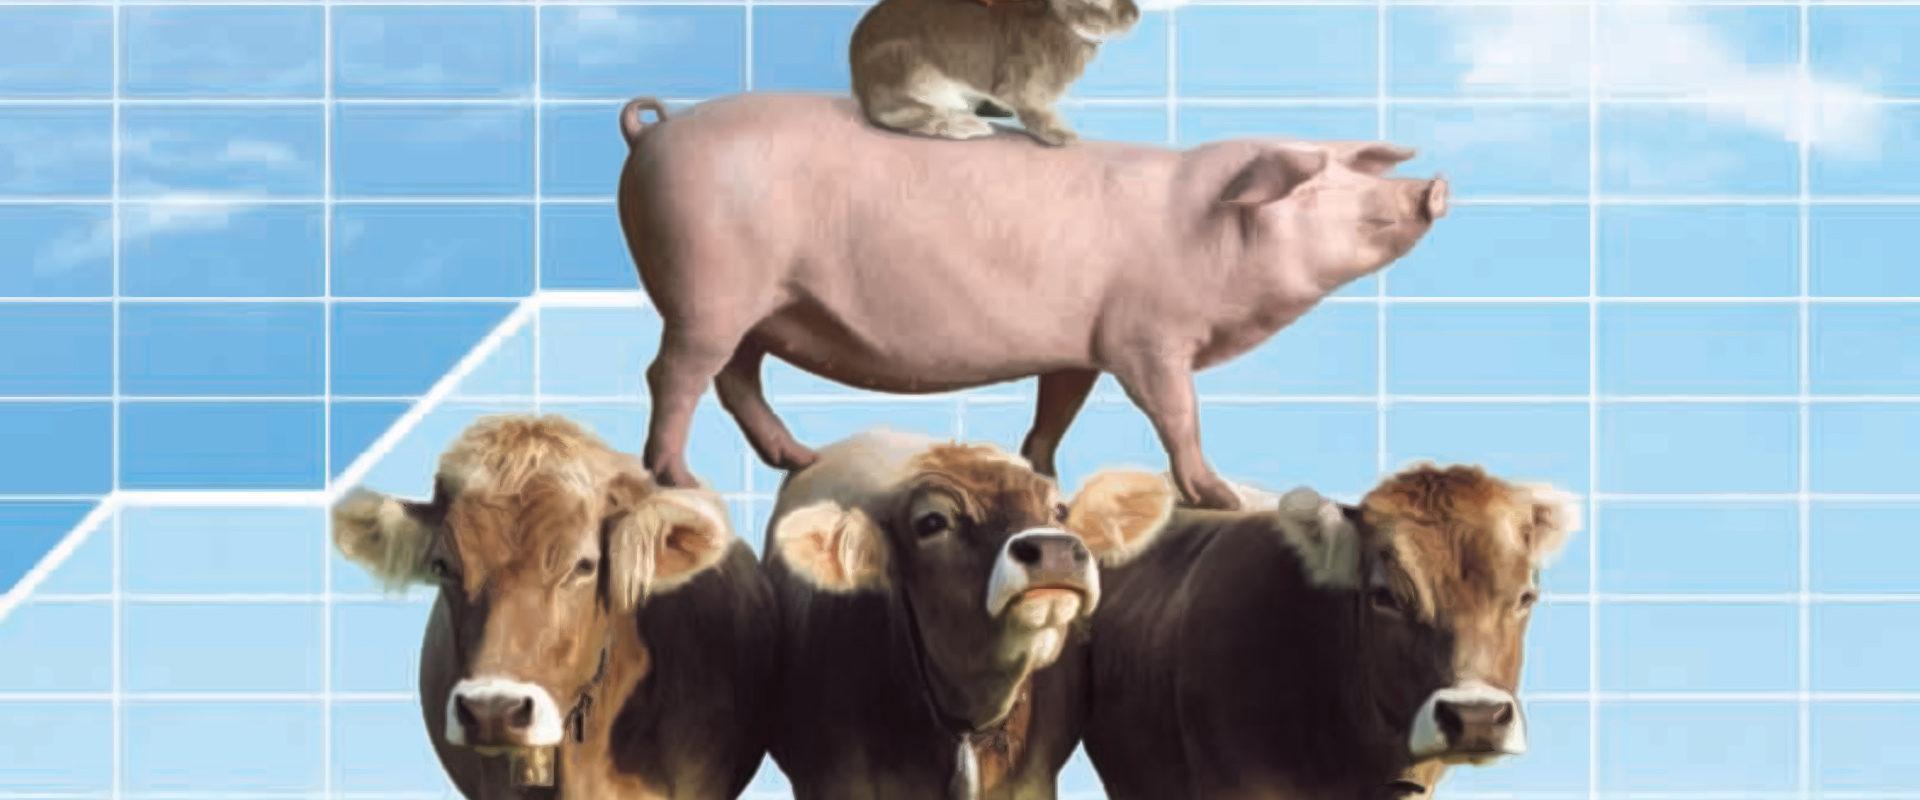 Frammento del cartellone pubblicitario del 2005 di Mangimi Veronesi